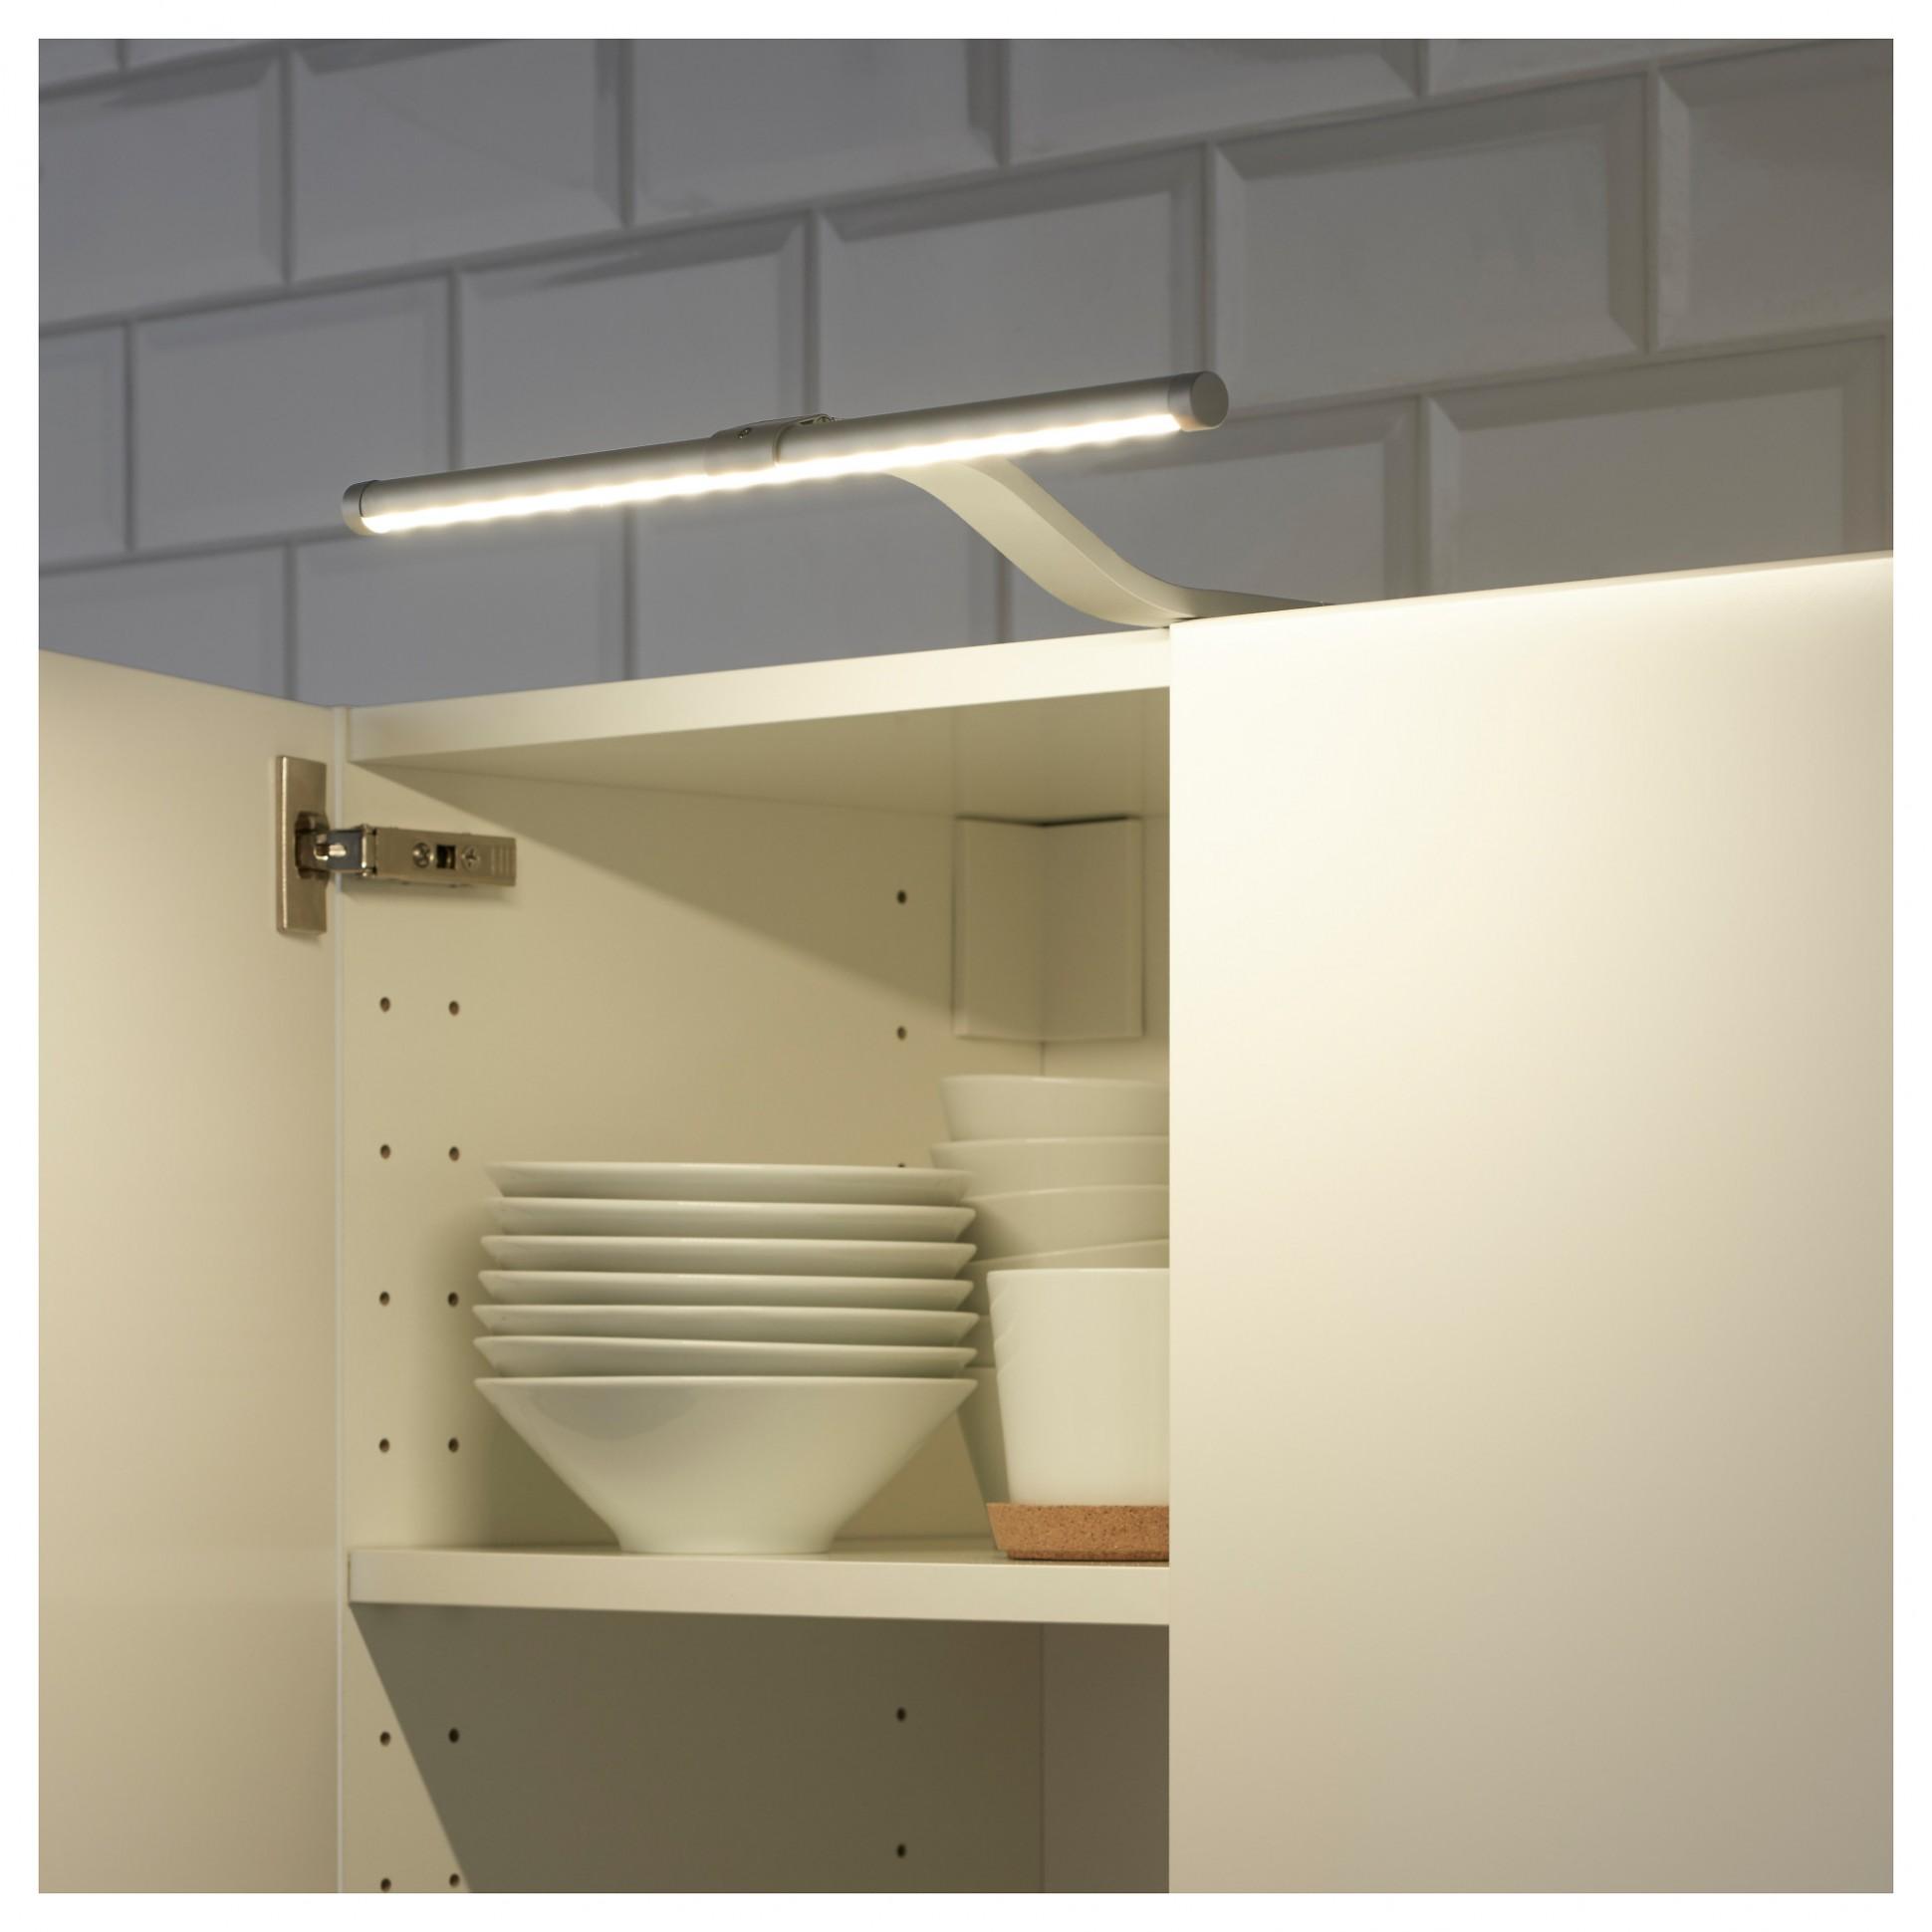 79 Nejchladnejší z Kuchyne Ikea